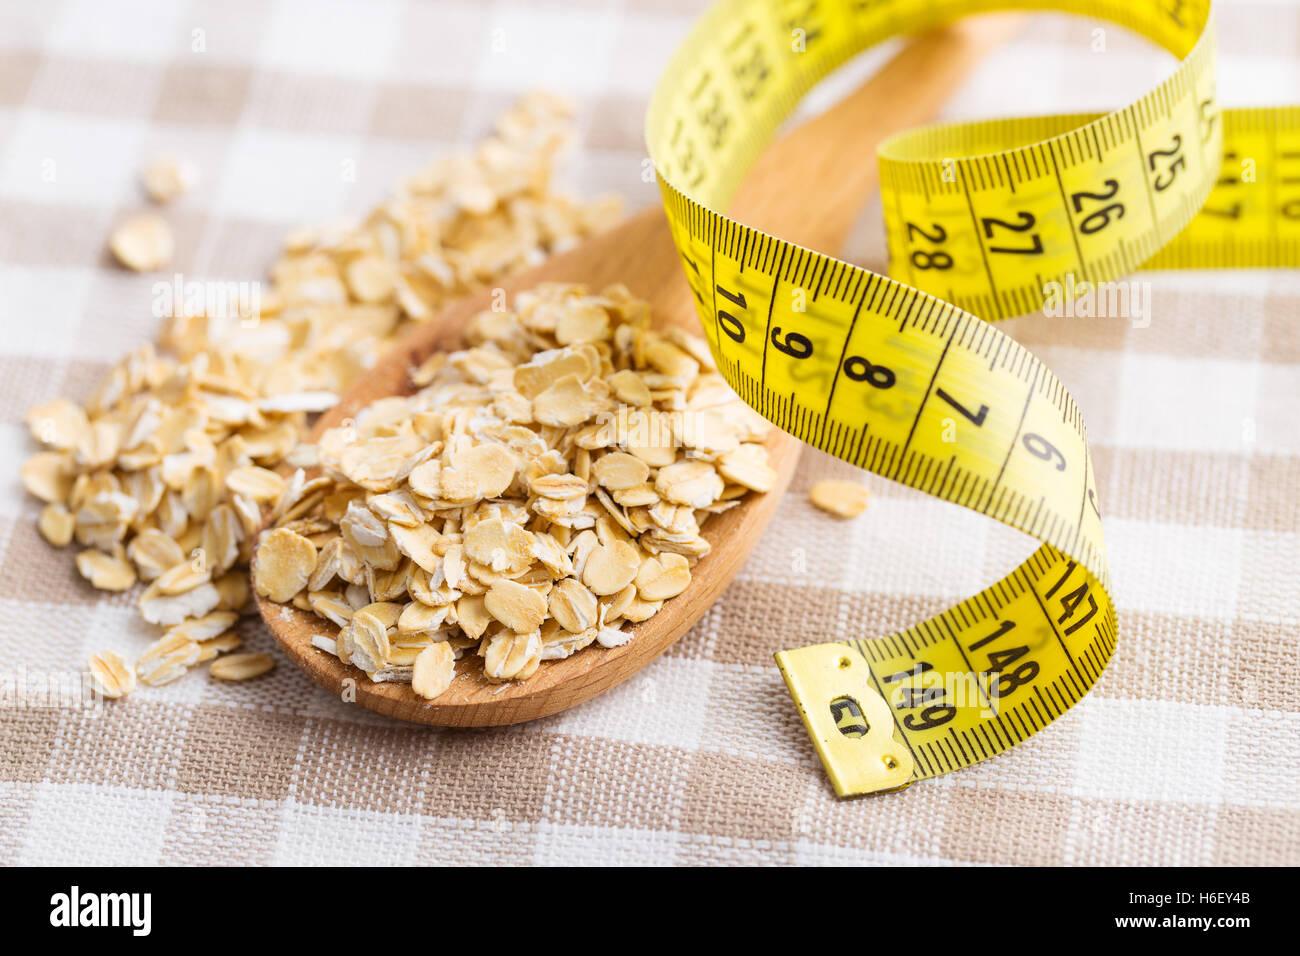 El concepto de dieta. Los copos de avena y cinta métrica. Imagen De Stock